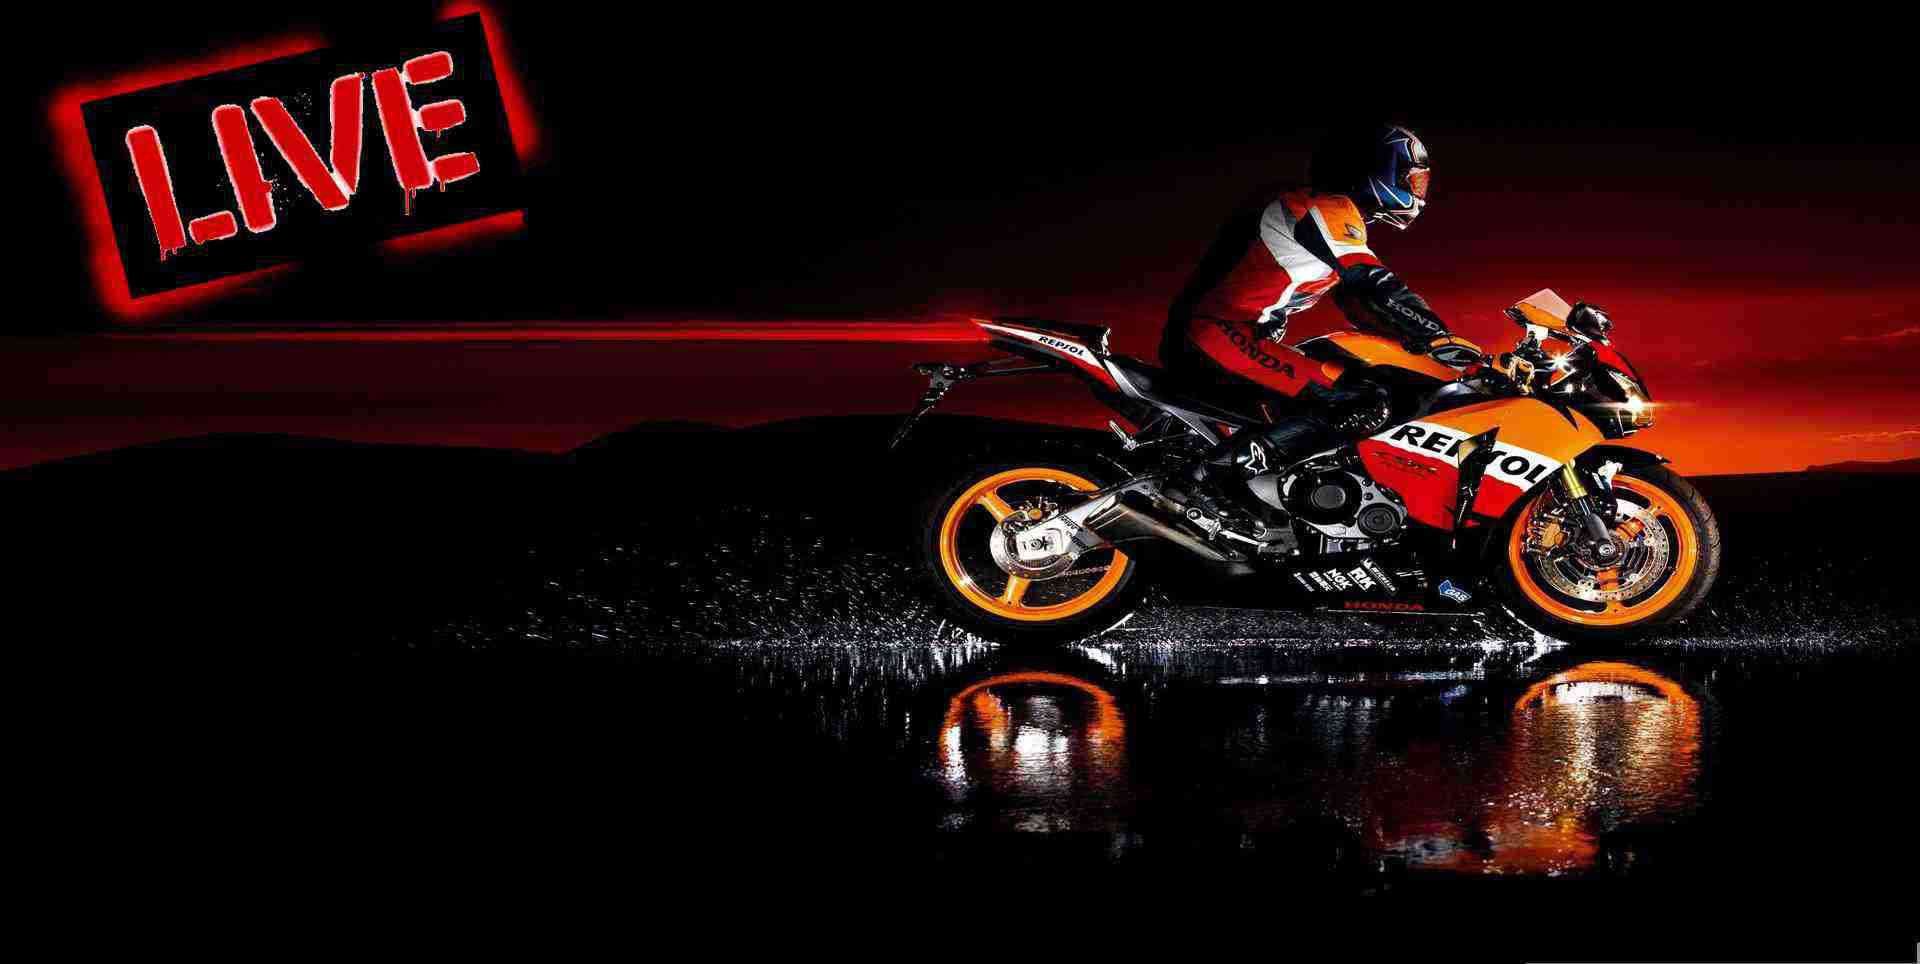 watch-portimao-round-8-superbike-fim-world-championship-2014-online